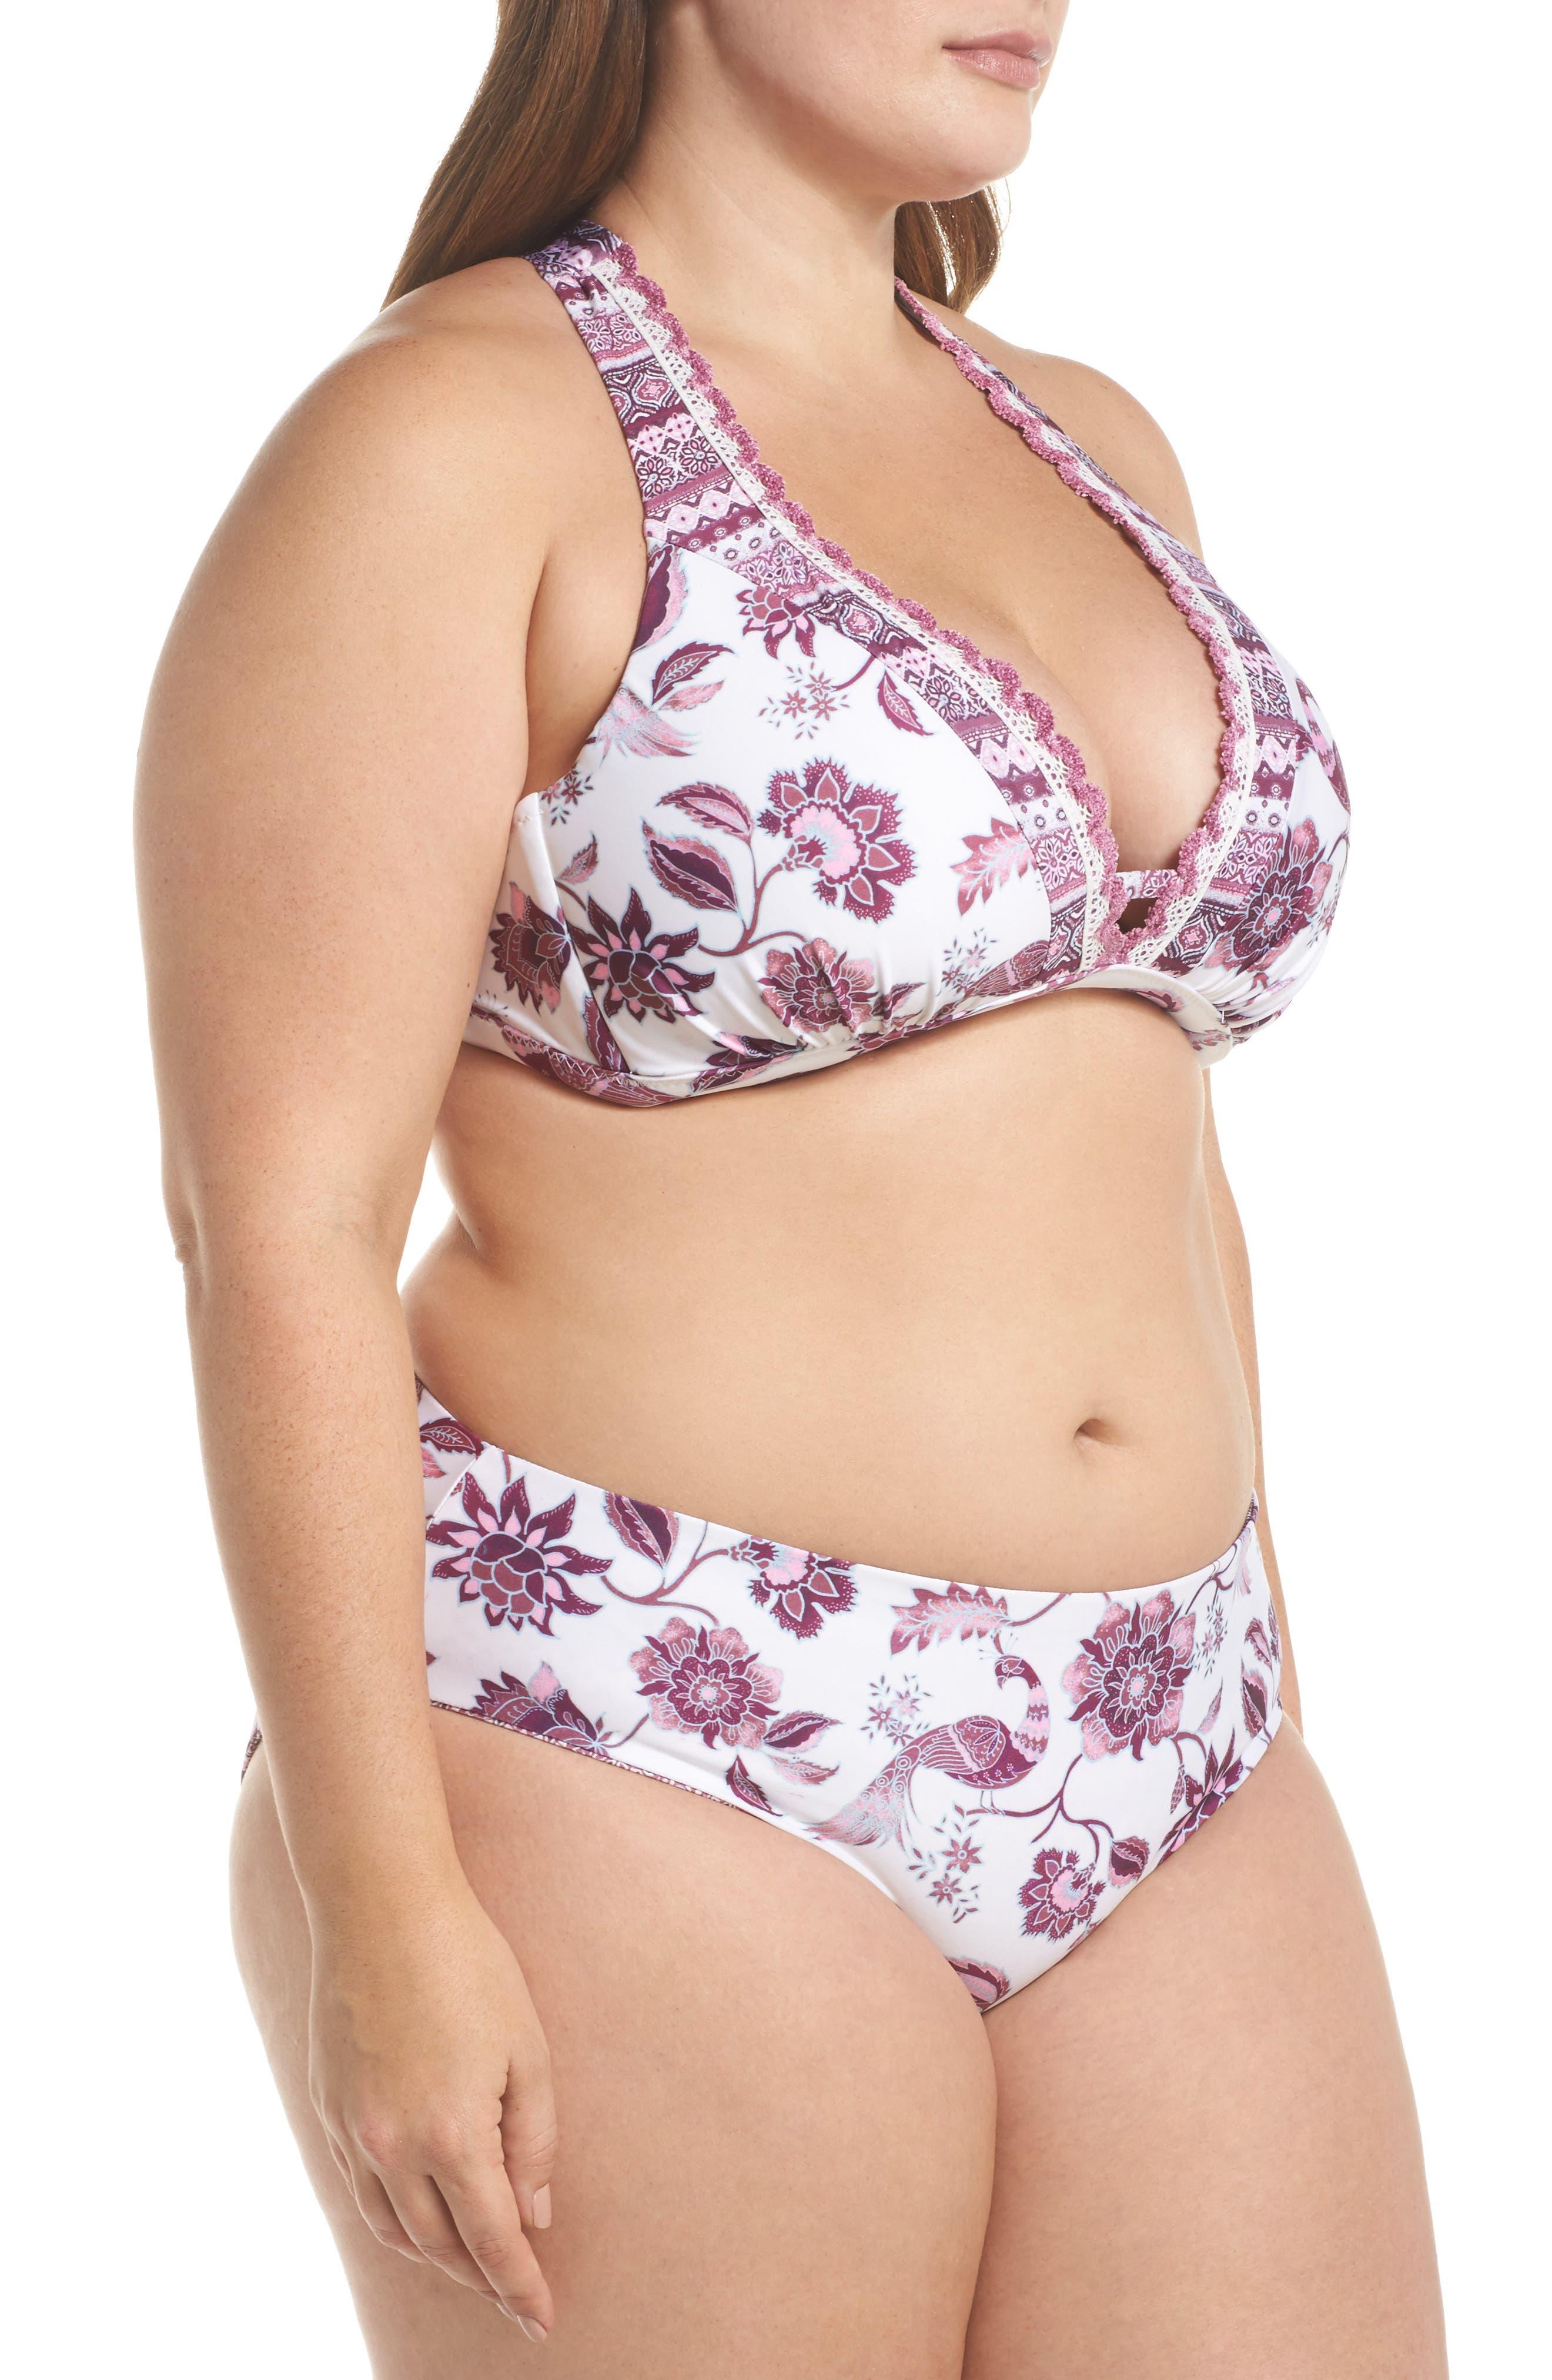 Tahiti Reversible Hipster Bikini Bottoms,                             Alternate thumbnail 8, color,                             Purple Multi